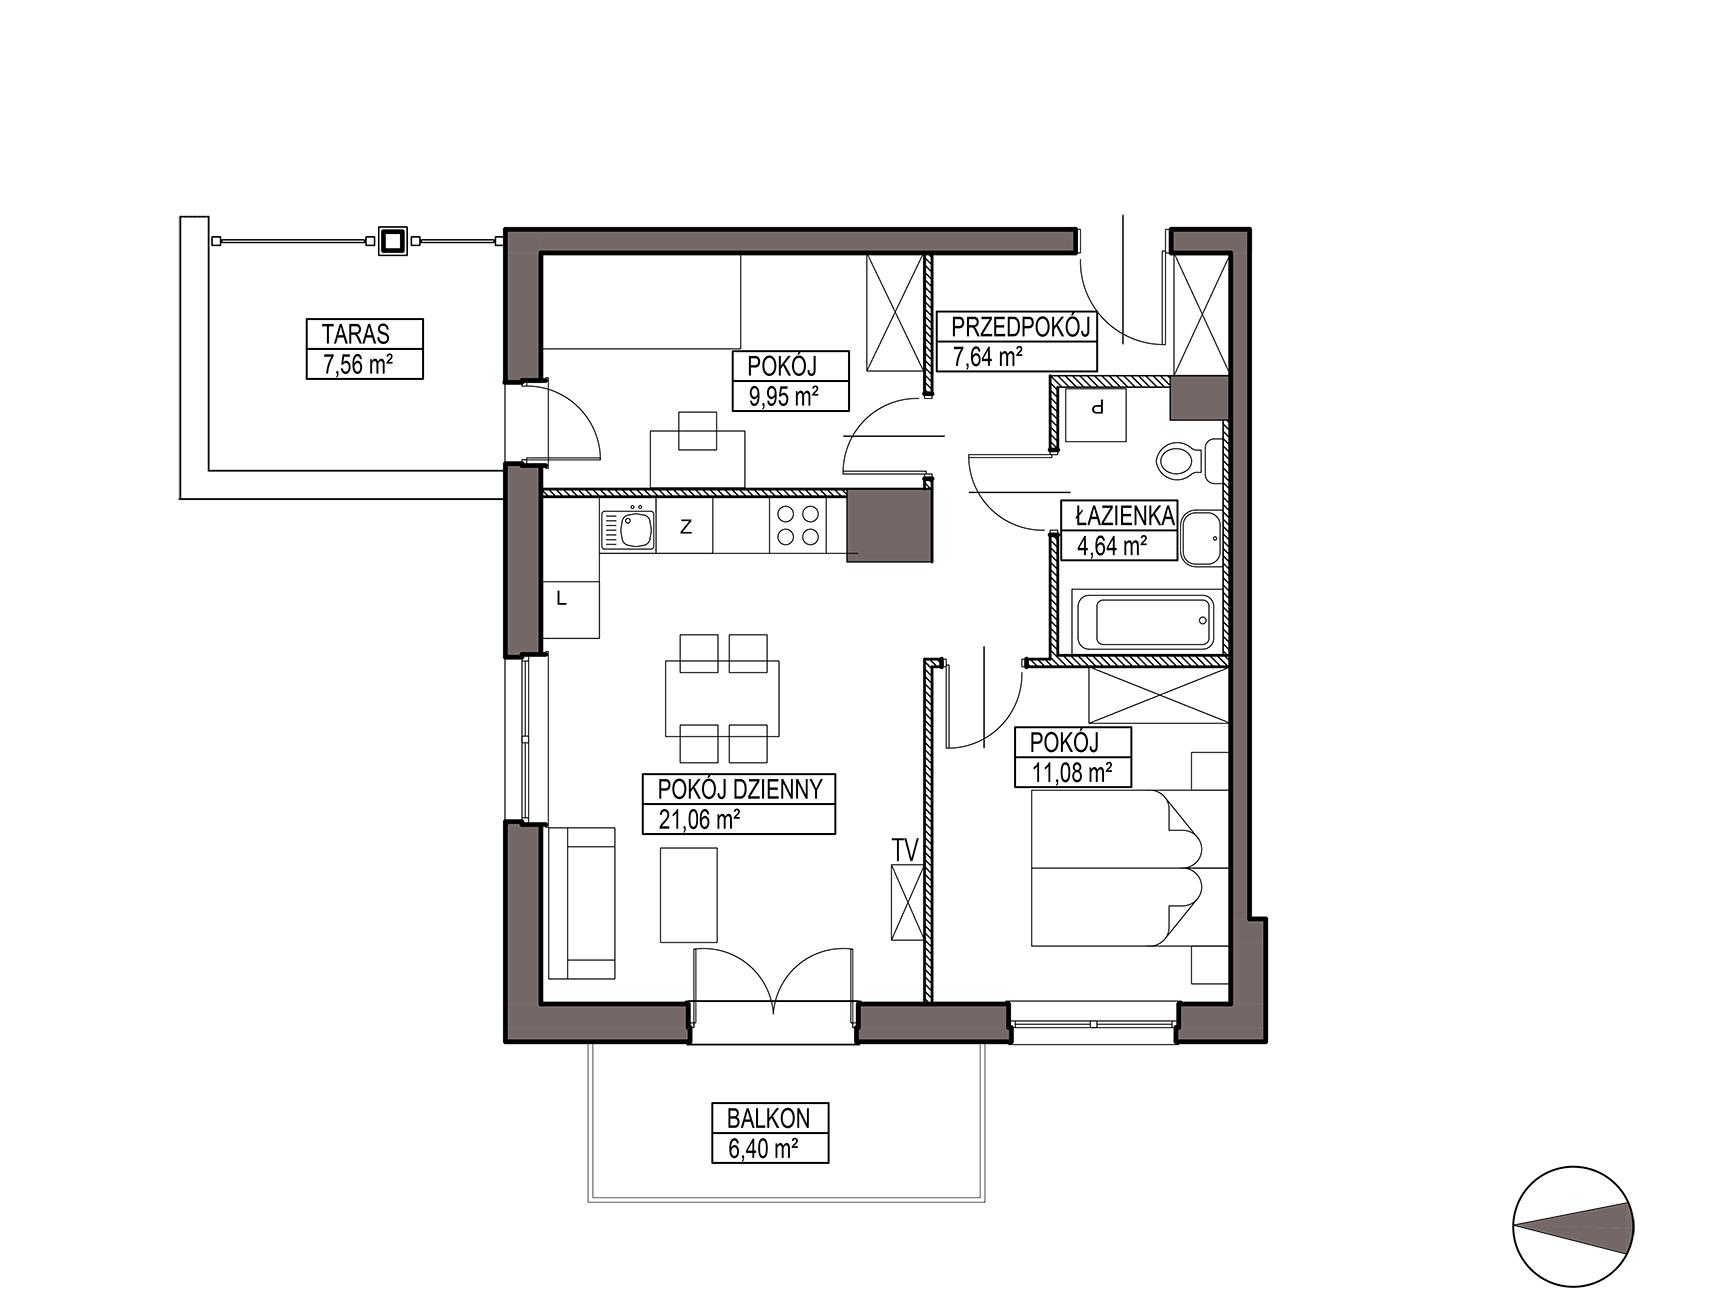 Uroczysko III / budynek 6 / mieszkanie H/0/2 rzut 1